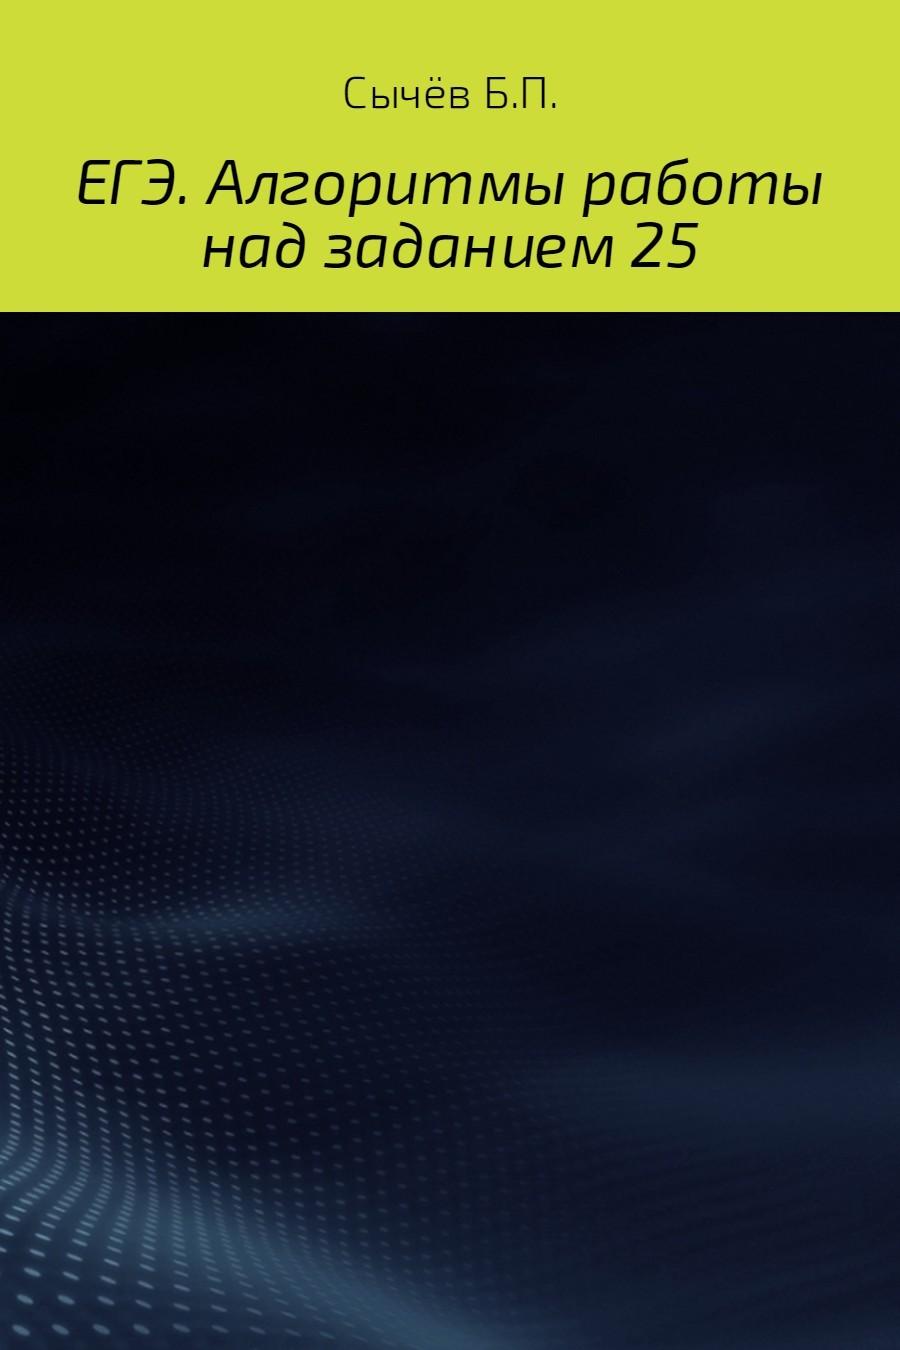 Бронислав Сычёв - Алгоритмы работы над заданием 26 (типа С)